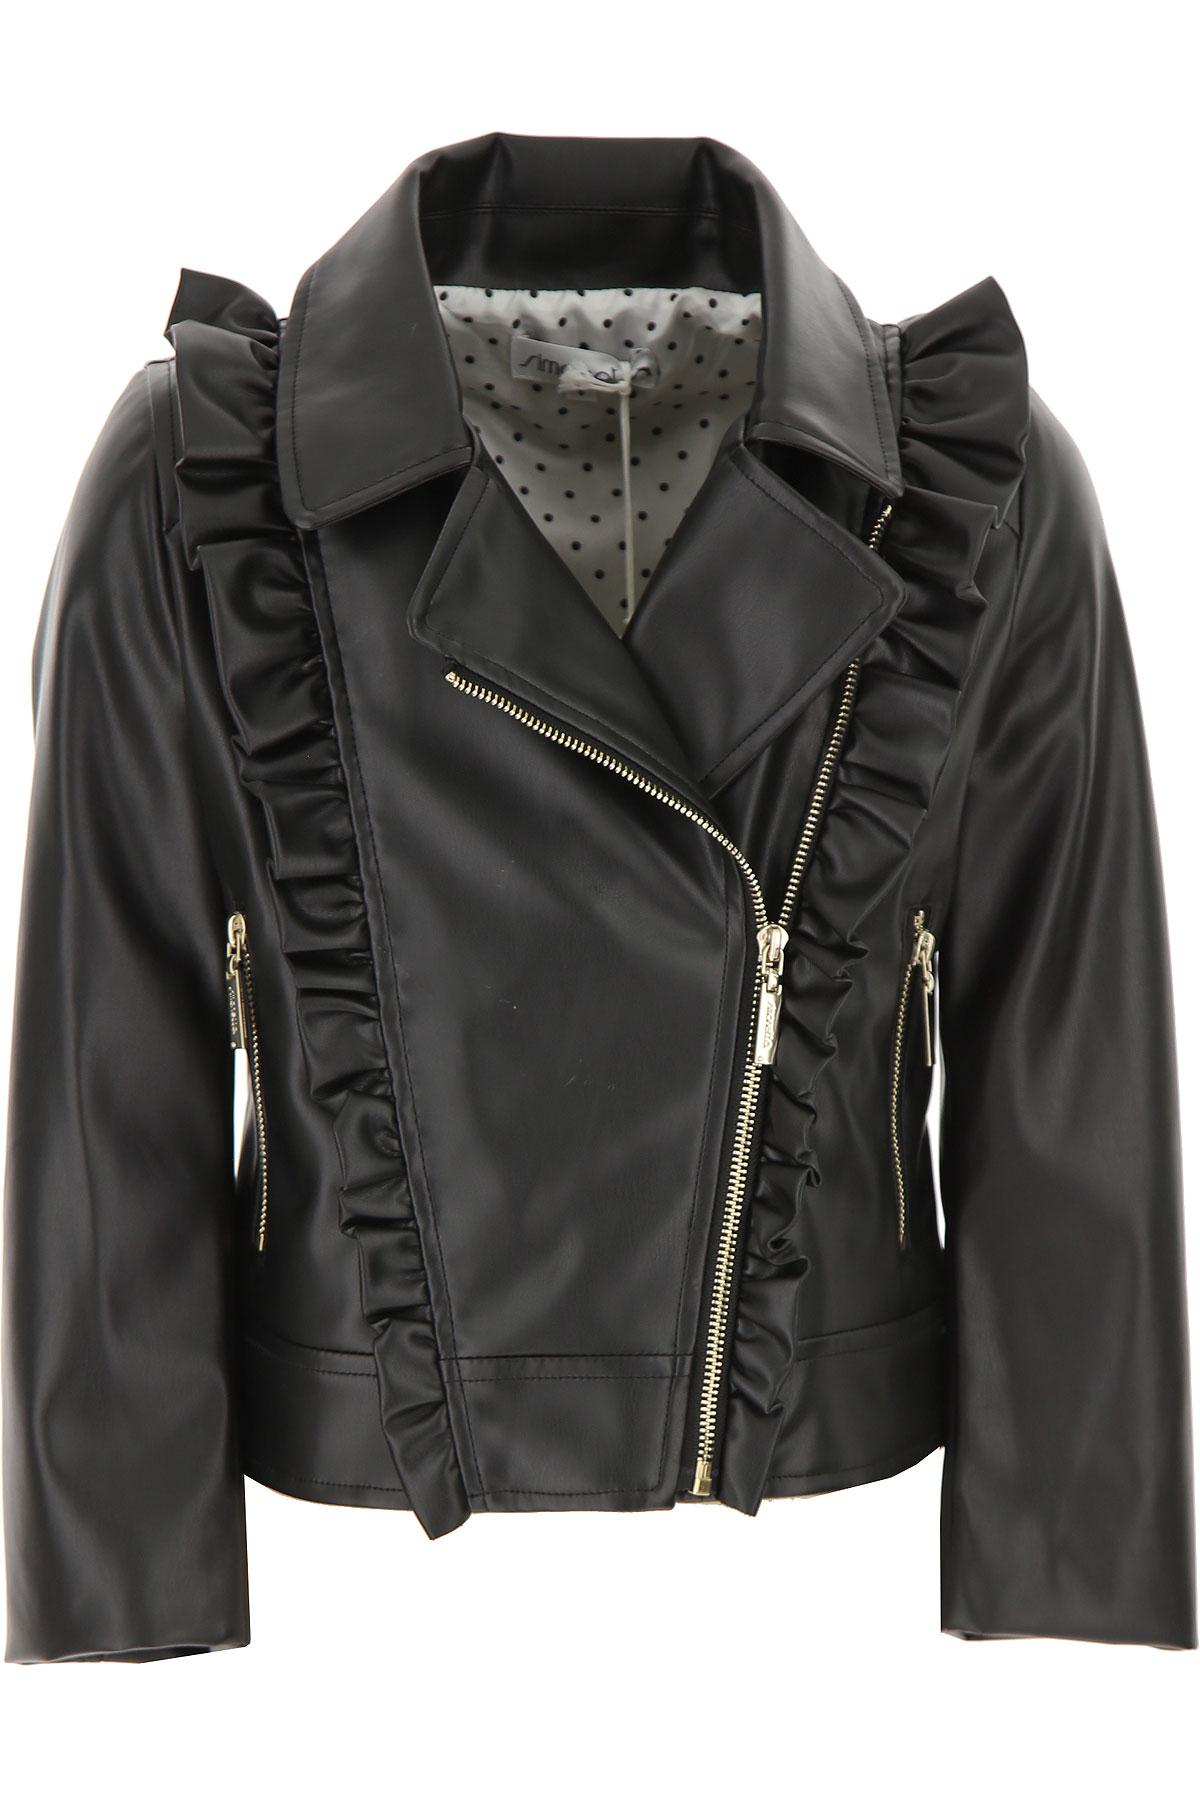 Simonetta Kids Jacket for Girls On Sale, Black, polyester, 2019, 10Y 12Y 14Y 16Y 6Y 8Y